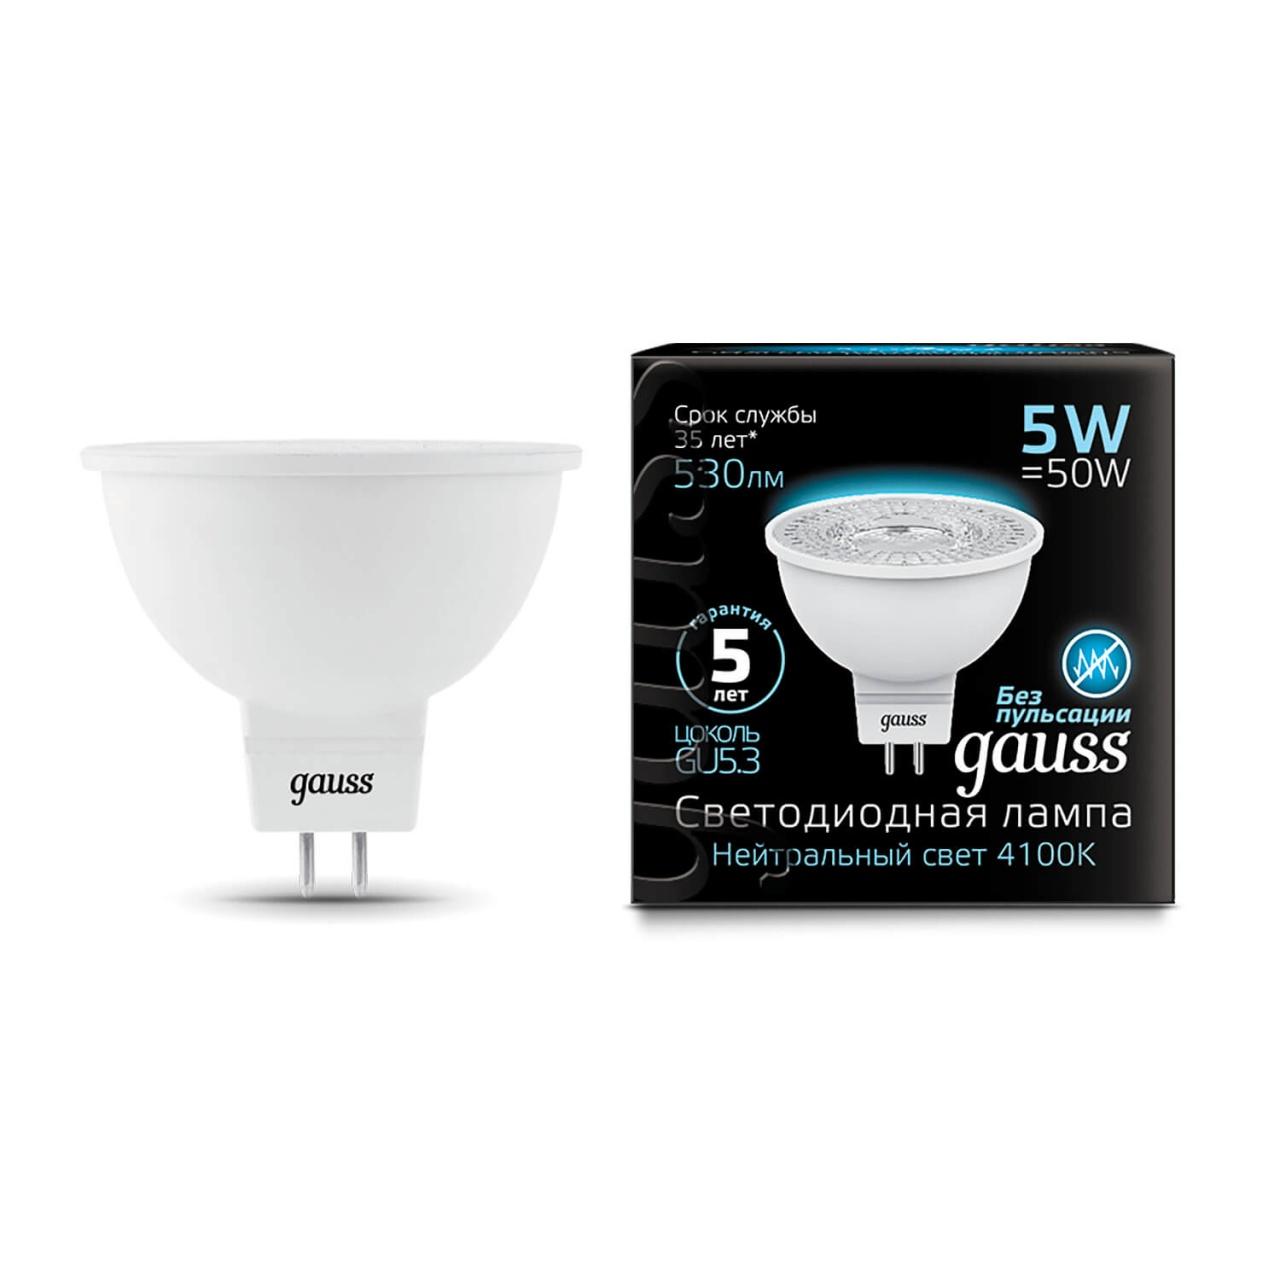 Лампа светодиодная Gauss GU5.3 5W 4100K матовая 101505205 лампа светодиодная gauss 101505205 d